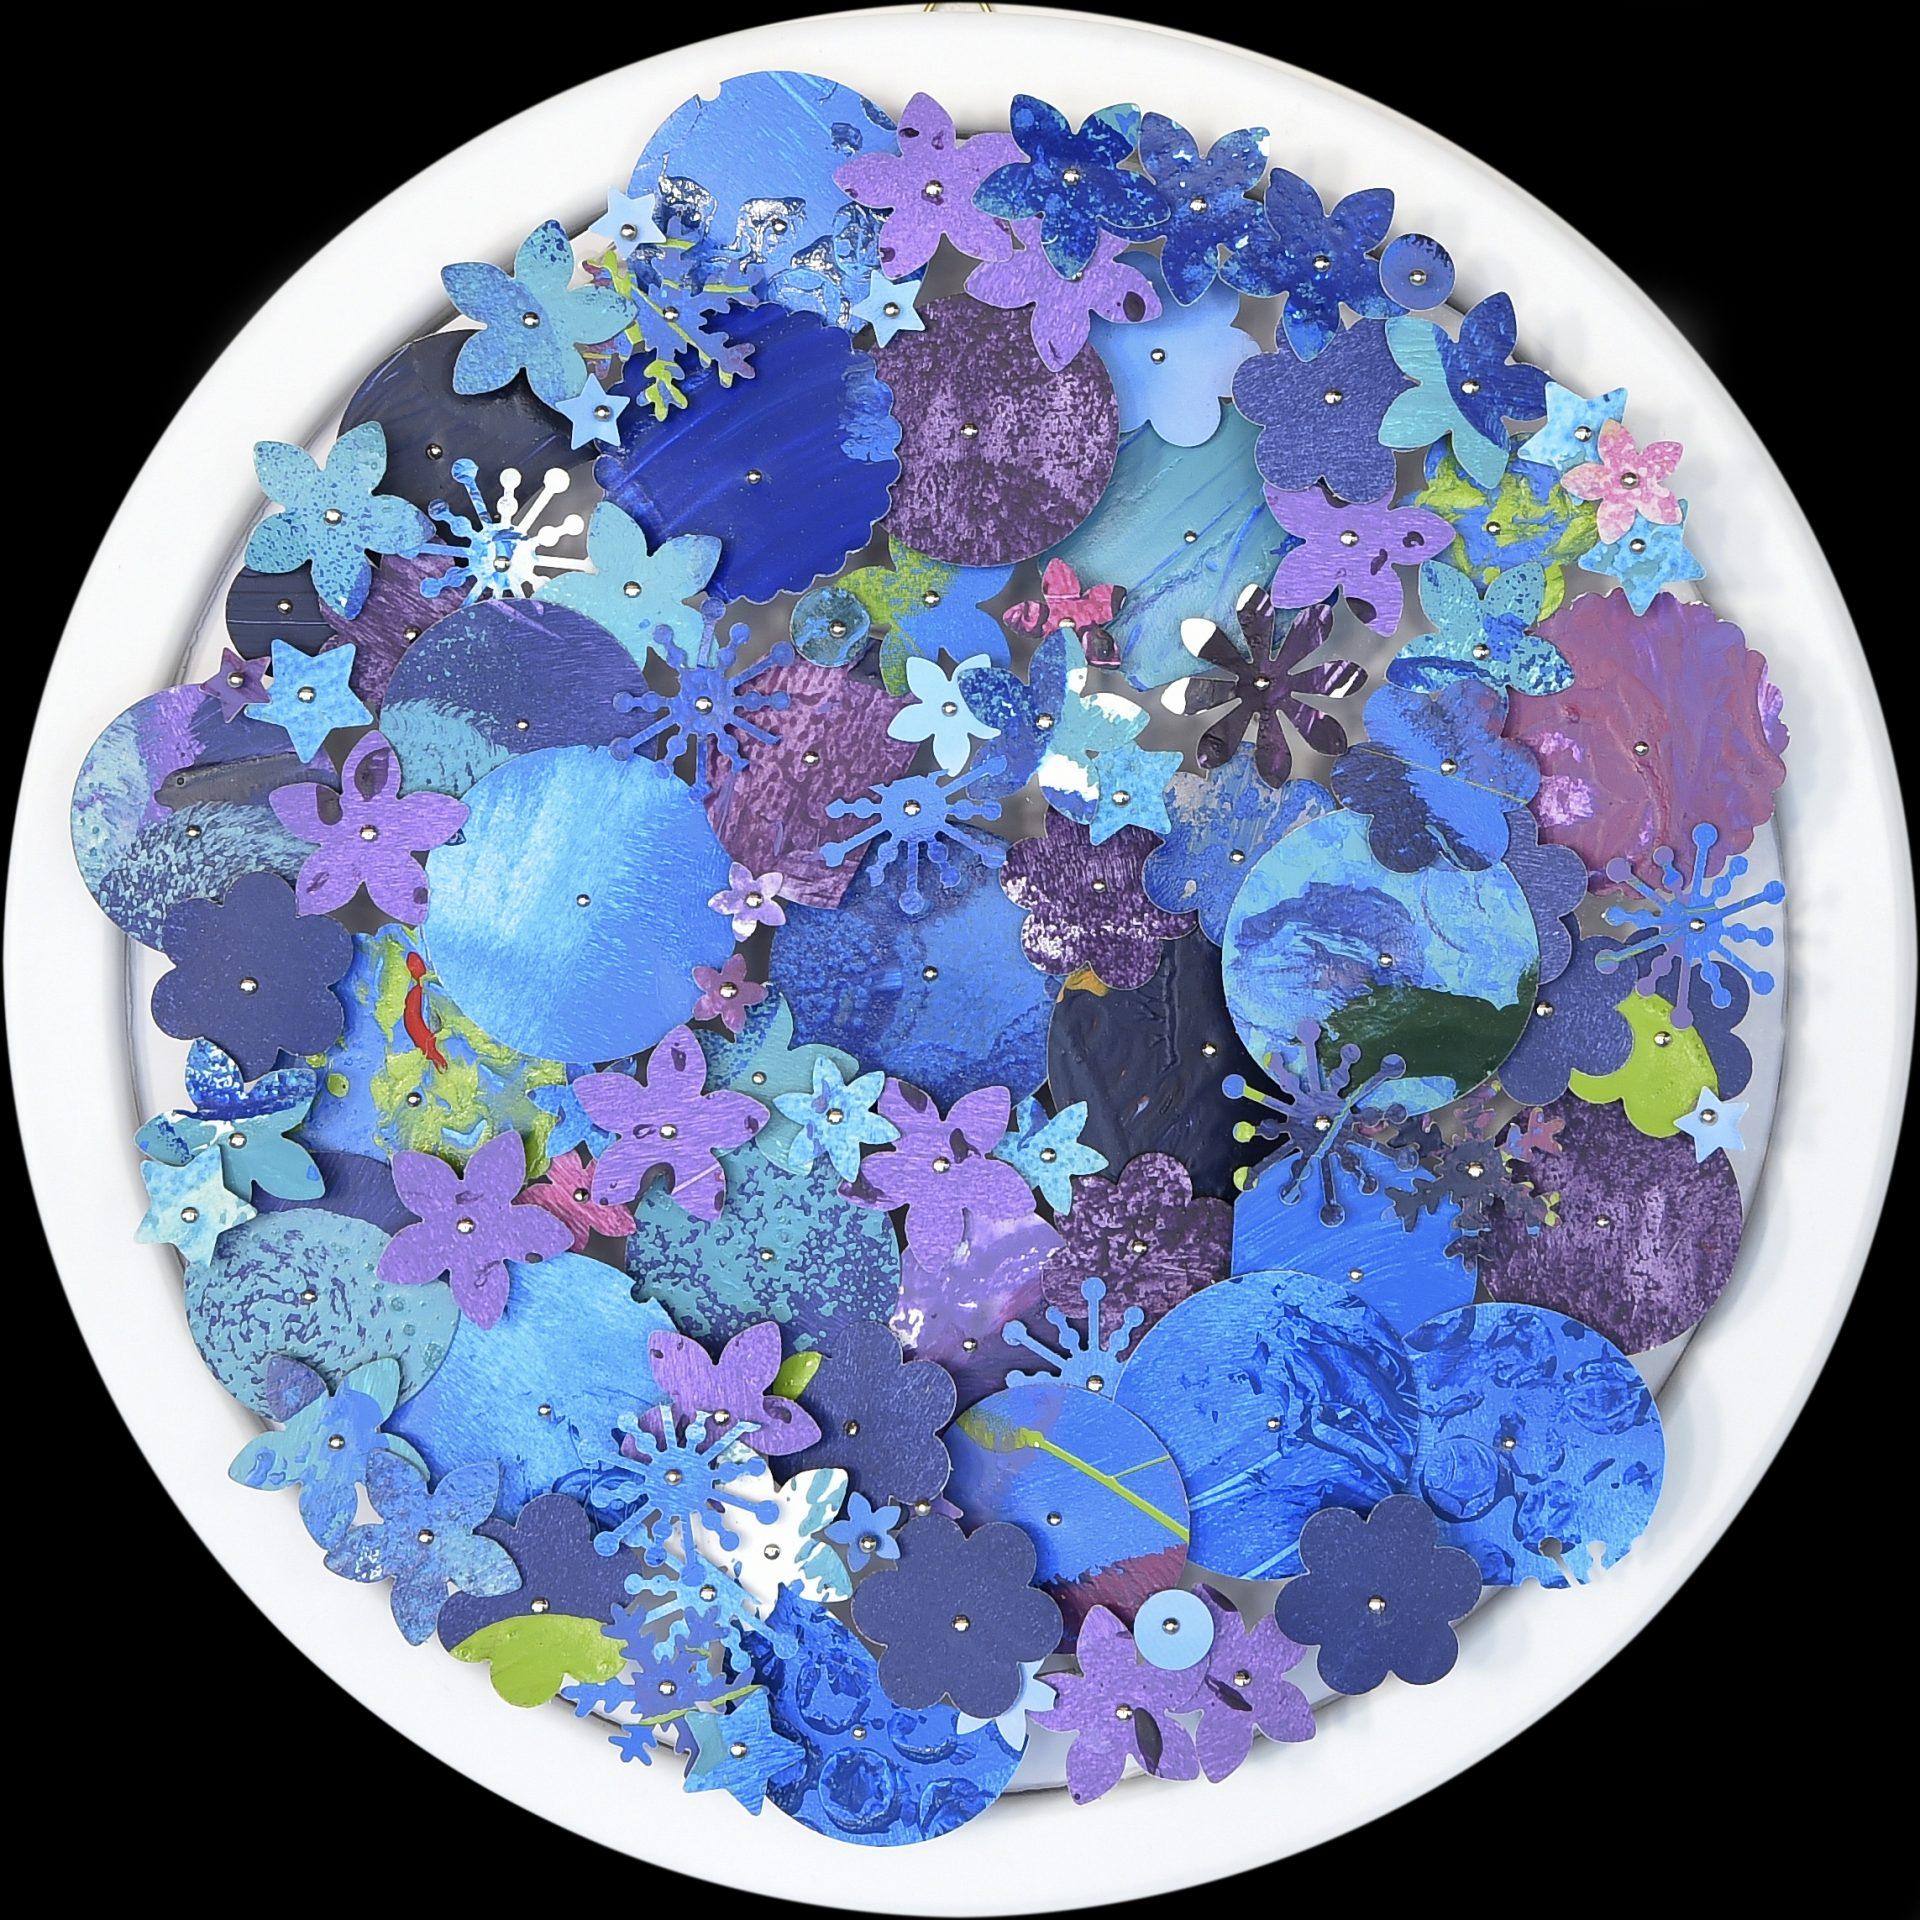 Aggregazioni molecolari e piccole storie della natura - Particolare<br>MLTT07#02<br>misure: Ø 21 cm<br>tecnica: tasselli in pvc dipinti a acrilico su poliplat<br>anno: 2017<br><br>DISPONIBILE